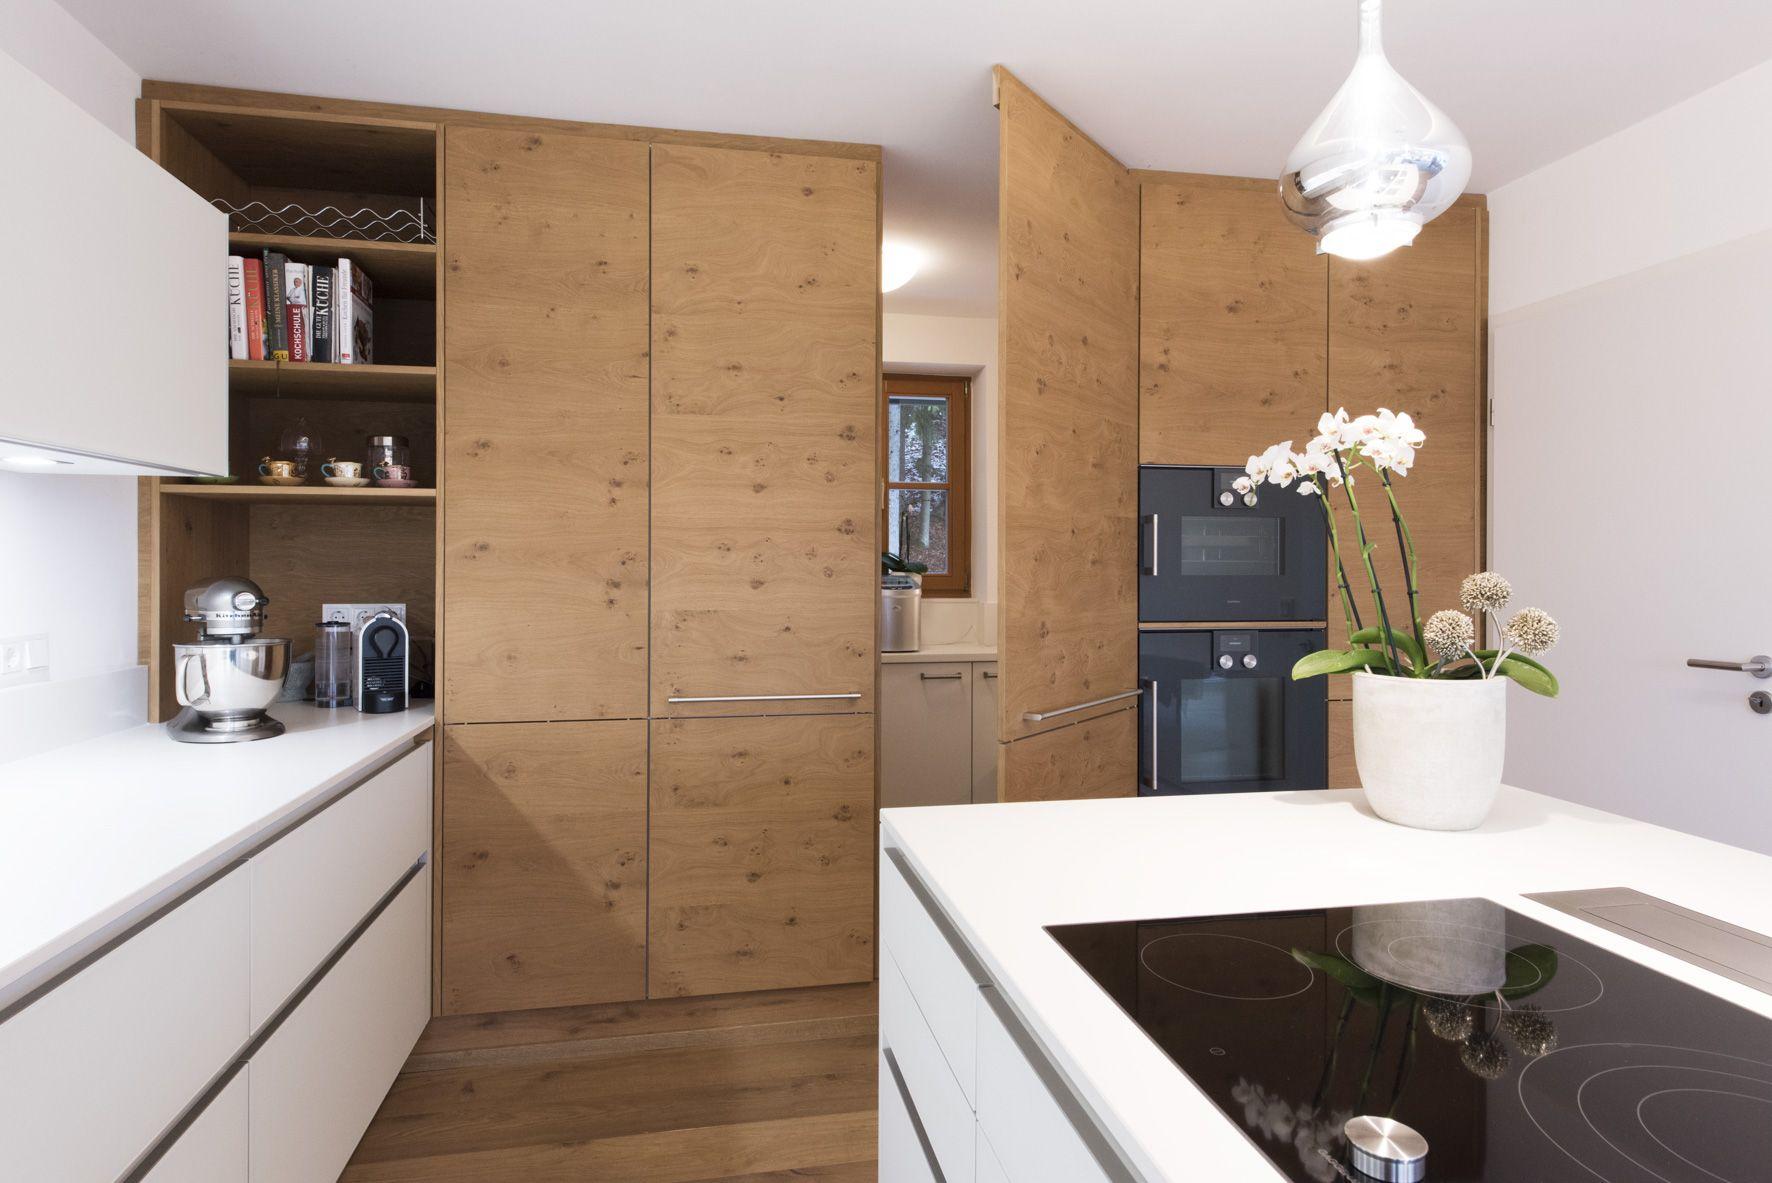 in hochschrankfront ist unsichtbar der eingang zur speisekammer integriert loft78 get. Black Bedroom Furniture Sets. Home Design Ideas